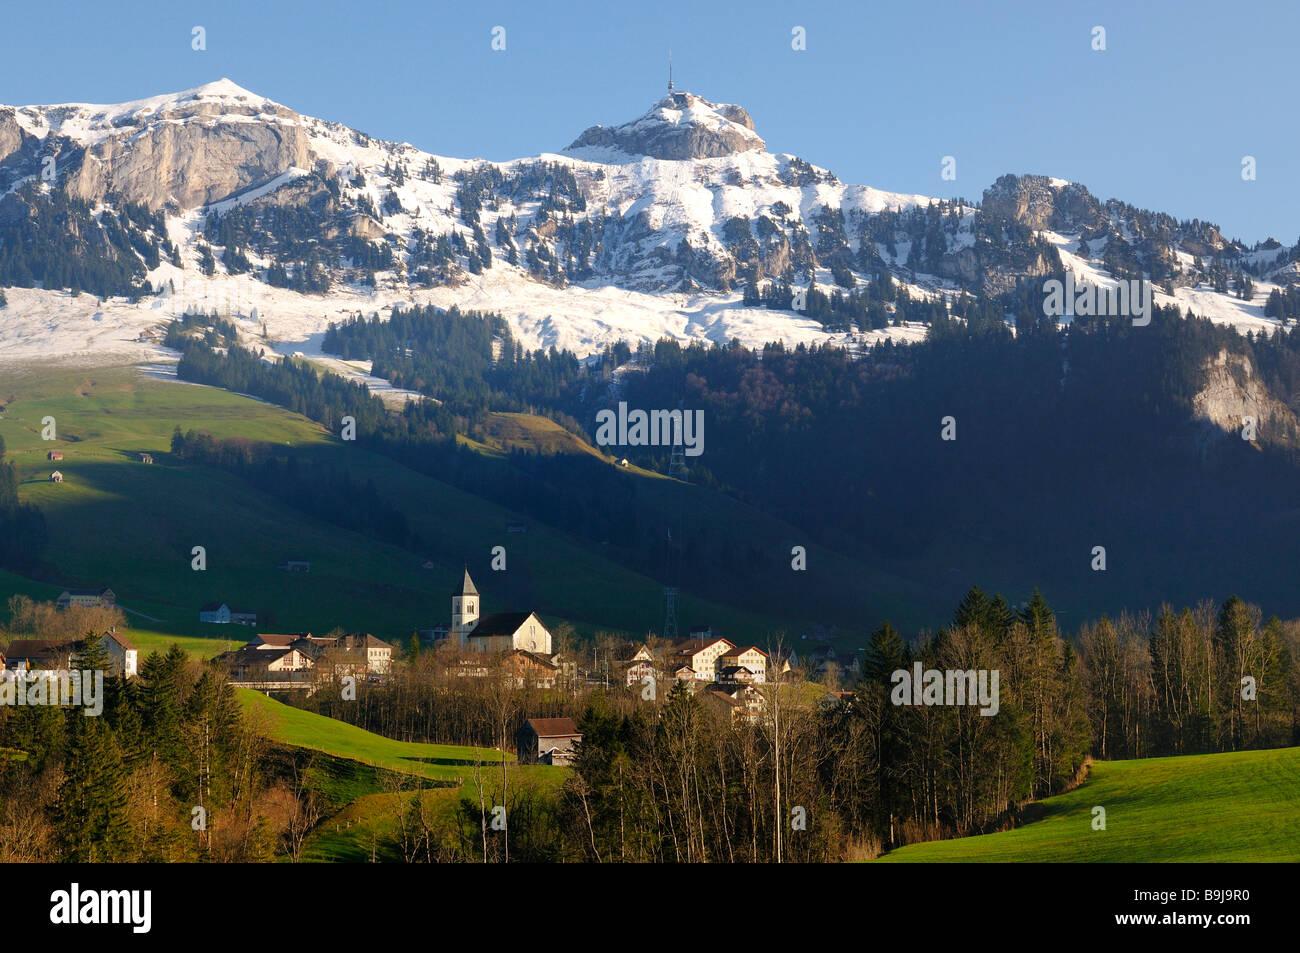 Blick zum Stadtteil Bruelisau hinter Alpensteingebirge mit Hoher Kasten im Kanton Appenzell Innerrhoden, Schweiz, Stockbild